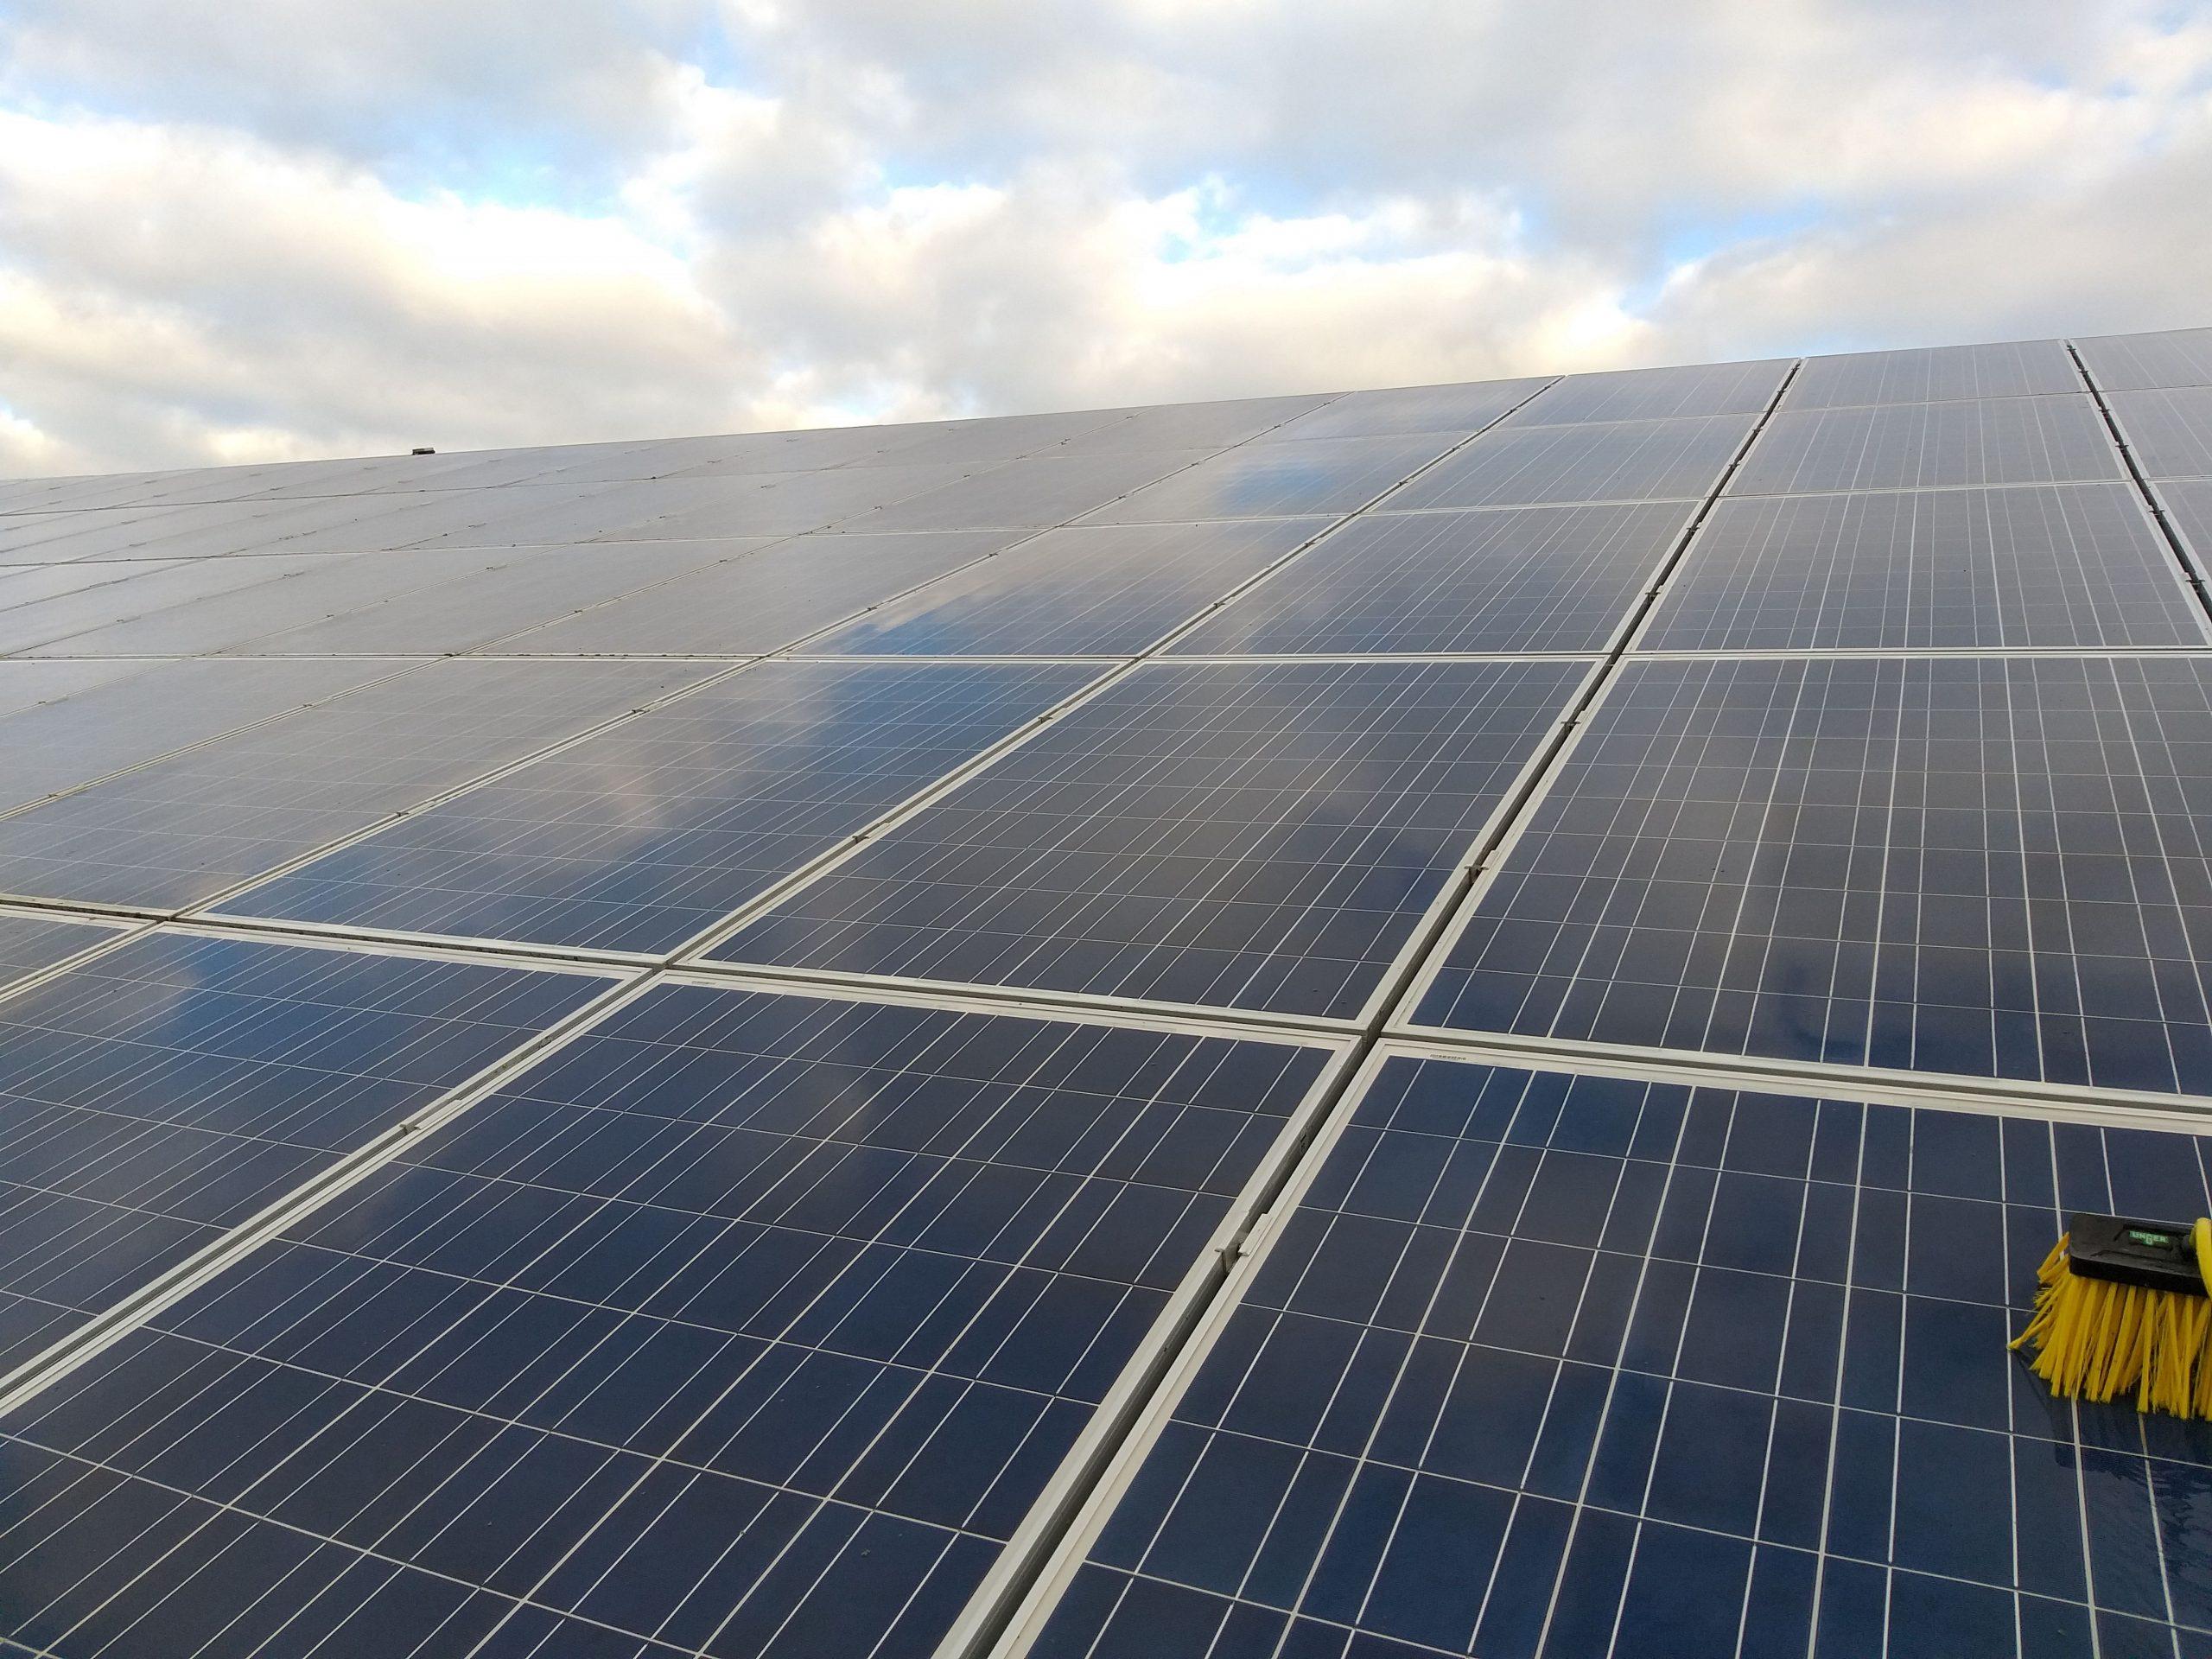 Nettoyage panneaux photovoltaïque Pays de la Loire